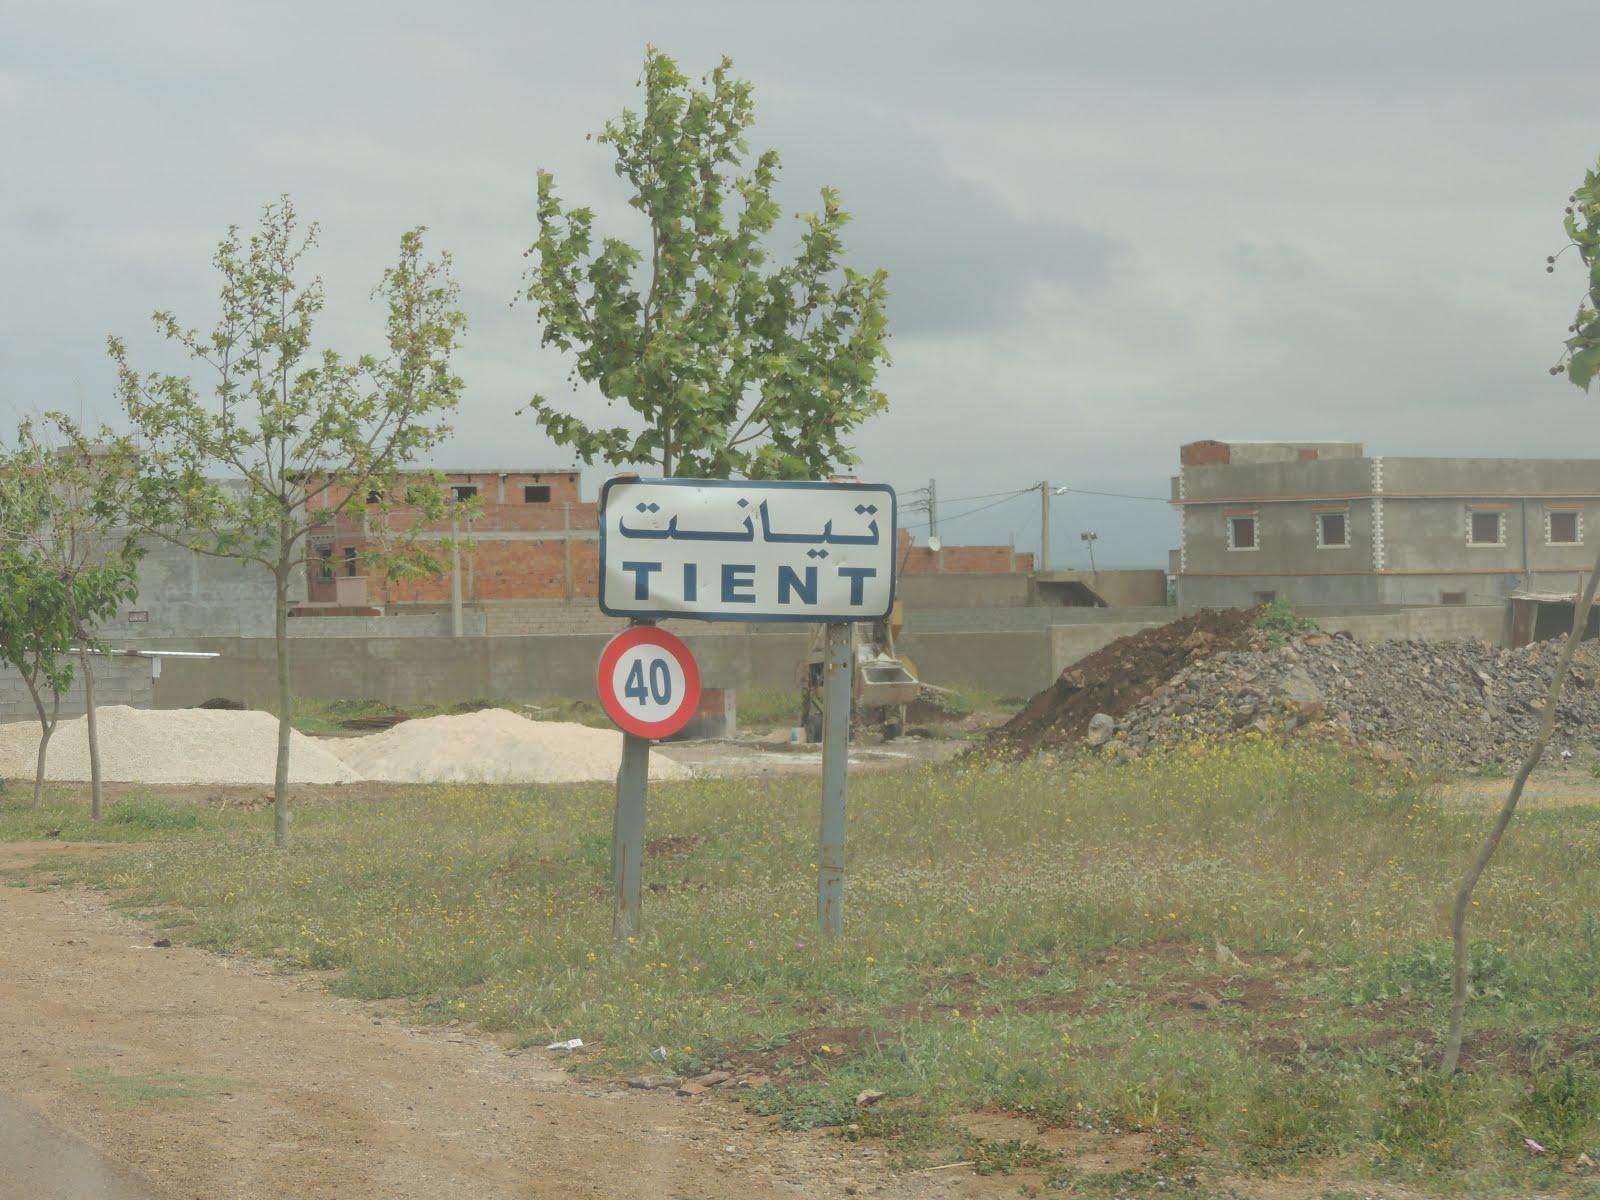 Entre Tounane et Ghazaouet : Tient